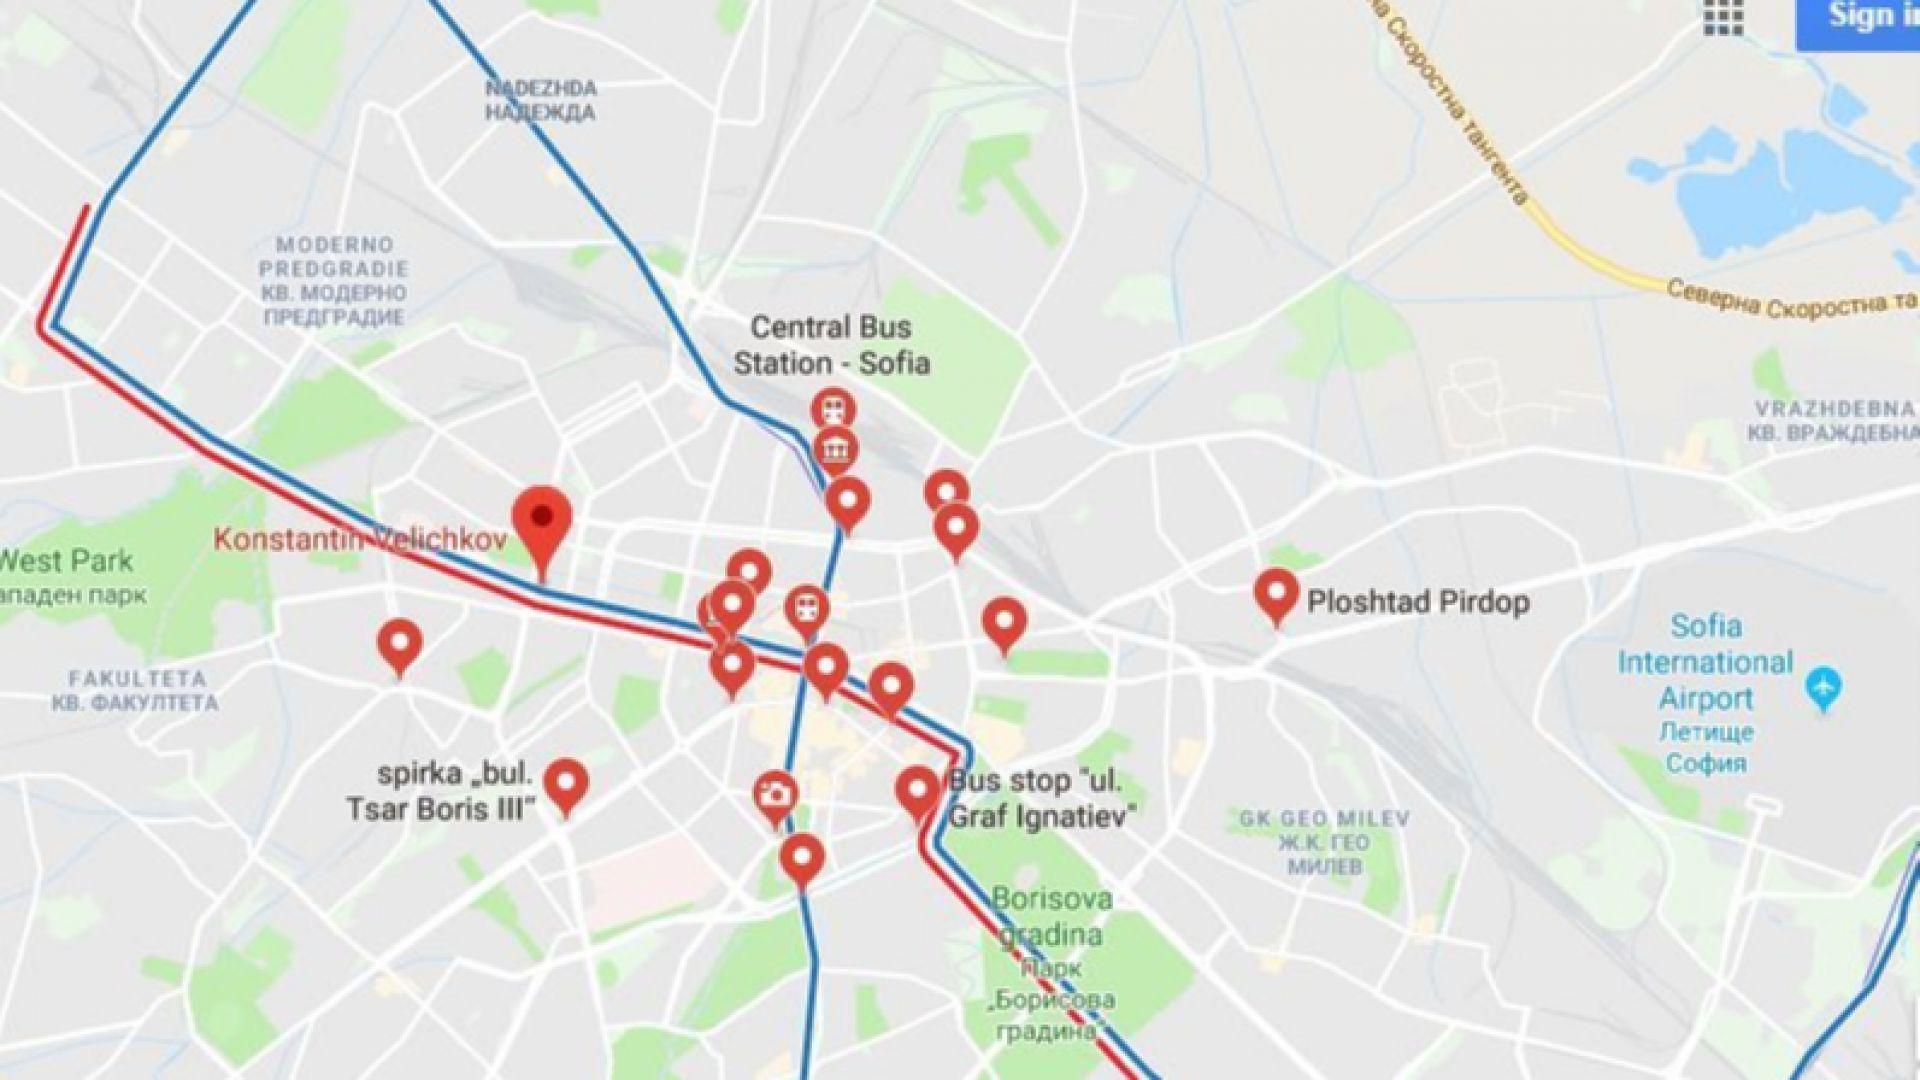 Градският транспорт в София влезе в Google Maps